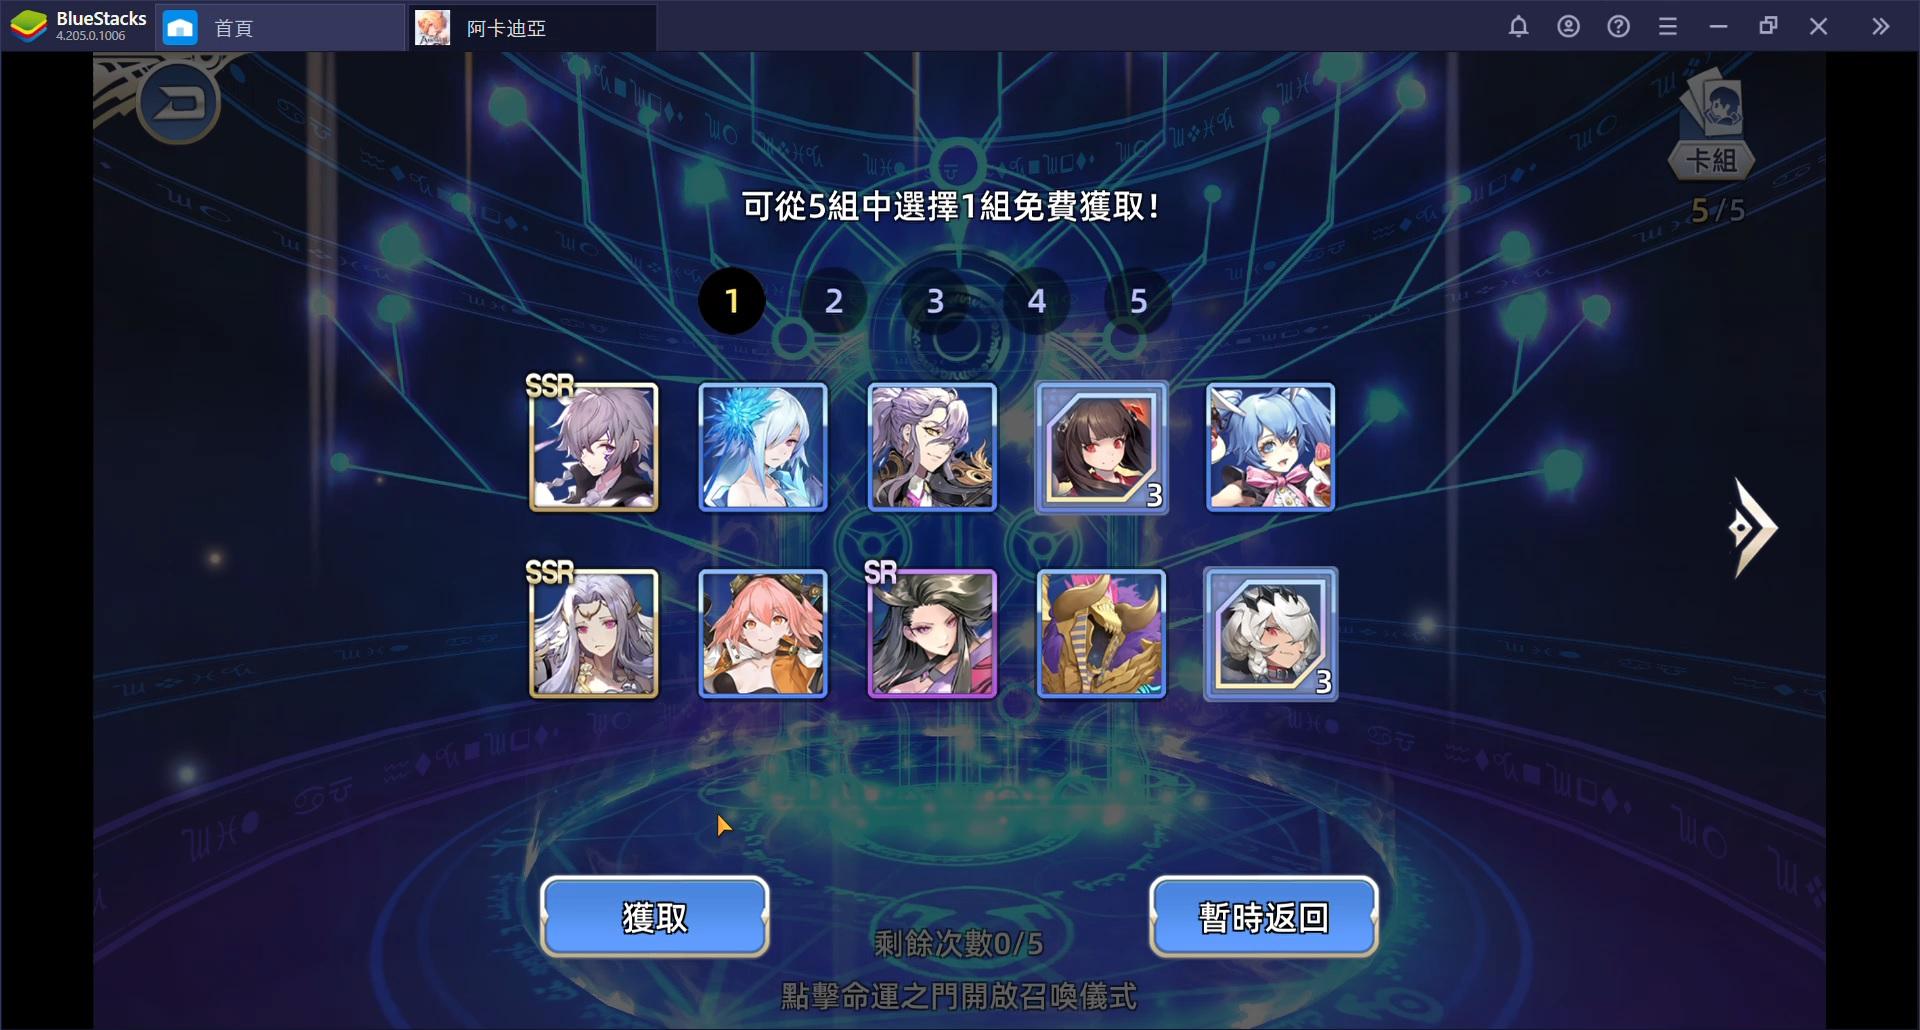 使用BlueStacks在PC上遊玩放置類卡牌戰鬥RPG《阿卡迪亞》